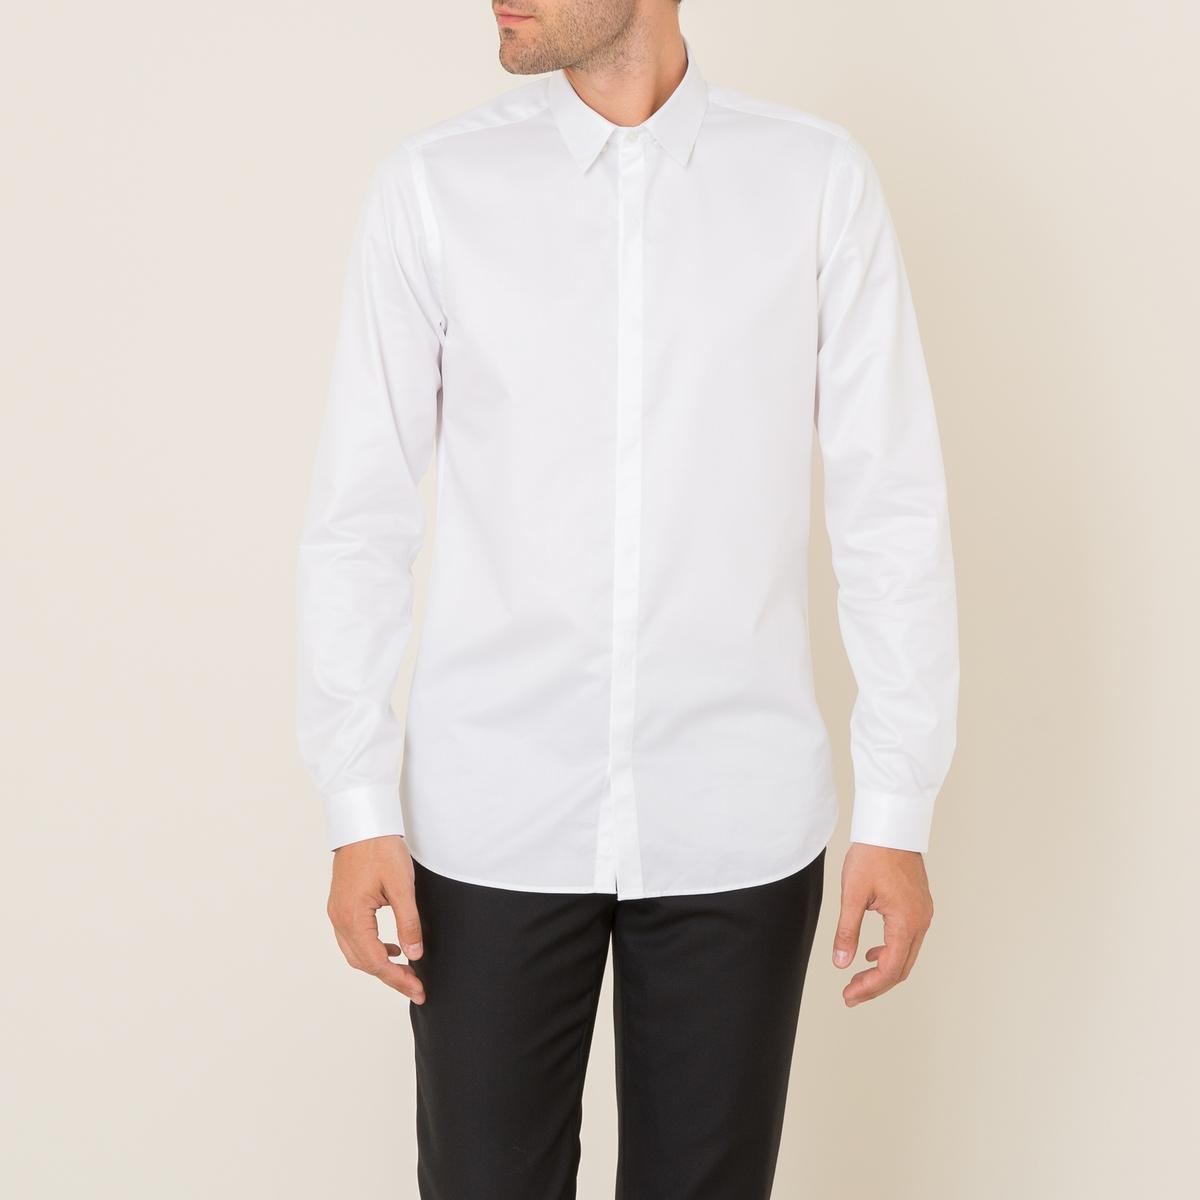 Рубашка из хлопкового твилаРубашка  THE KOOPLES, из хлопкового твила   . Классический воротник. Длинные рукава с пуговицами внизу. Застежка на планку с пуговицами . Закругленный низ по бокам. Облегающий покрой. Состав и описание Материал : 100% хлопок Марка : THE KOOPLES<br><br>Цвет: белый